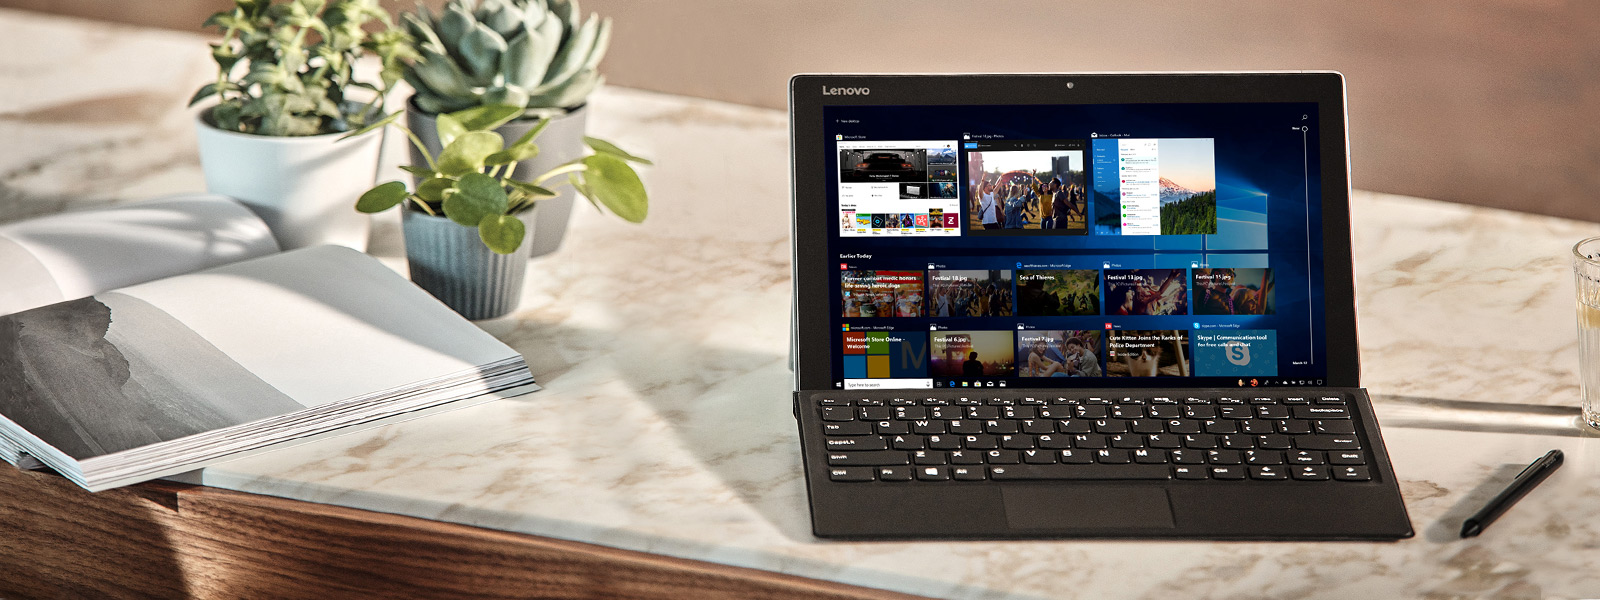 Monitor que muestra la característica de la Actualización de abril de 2018 de Windows 10